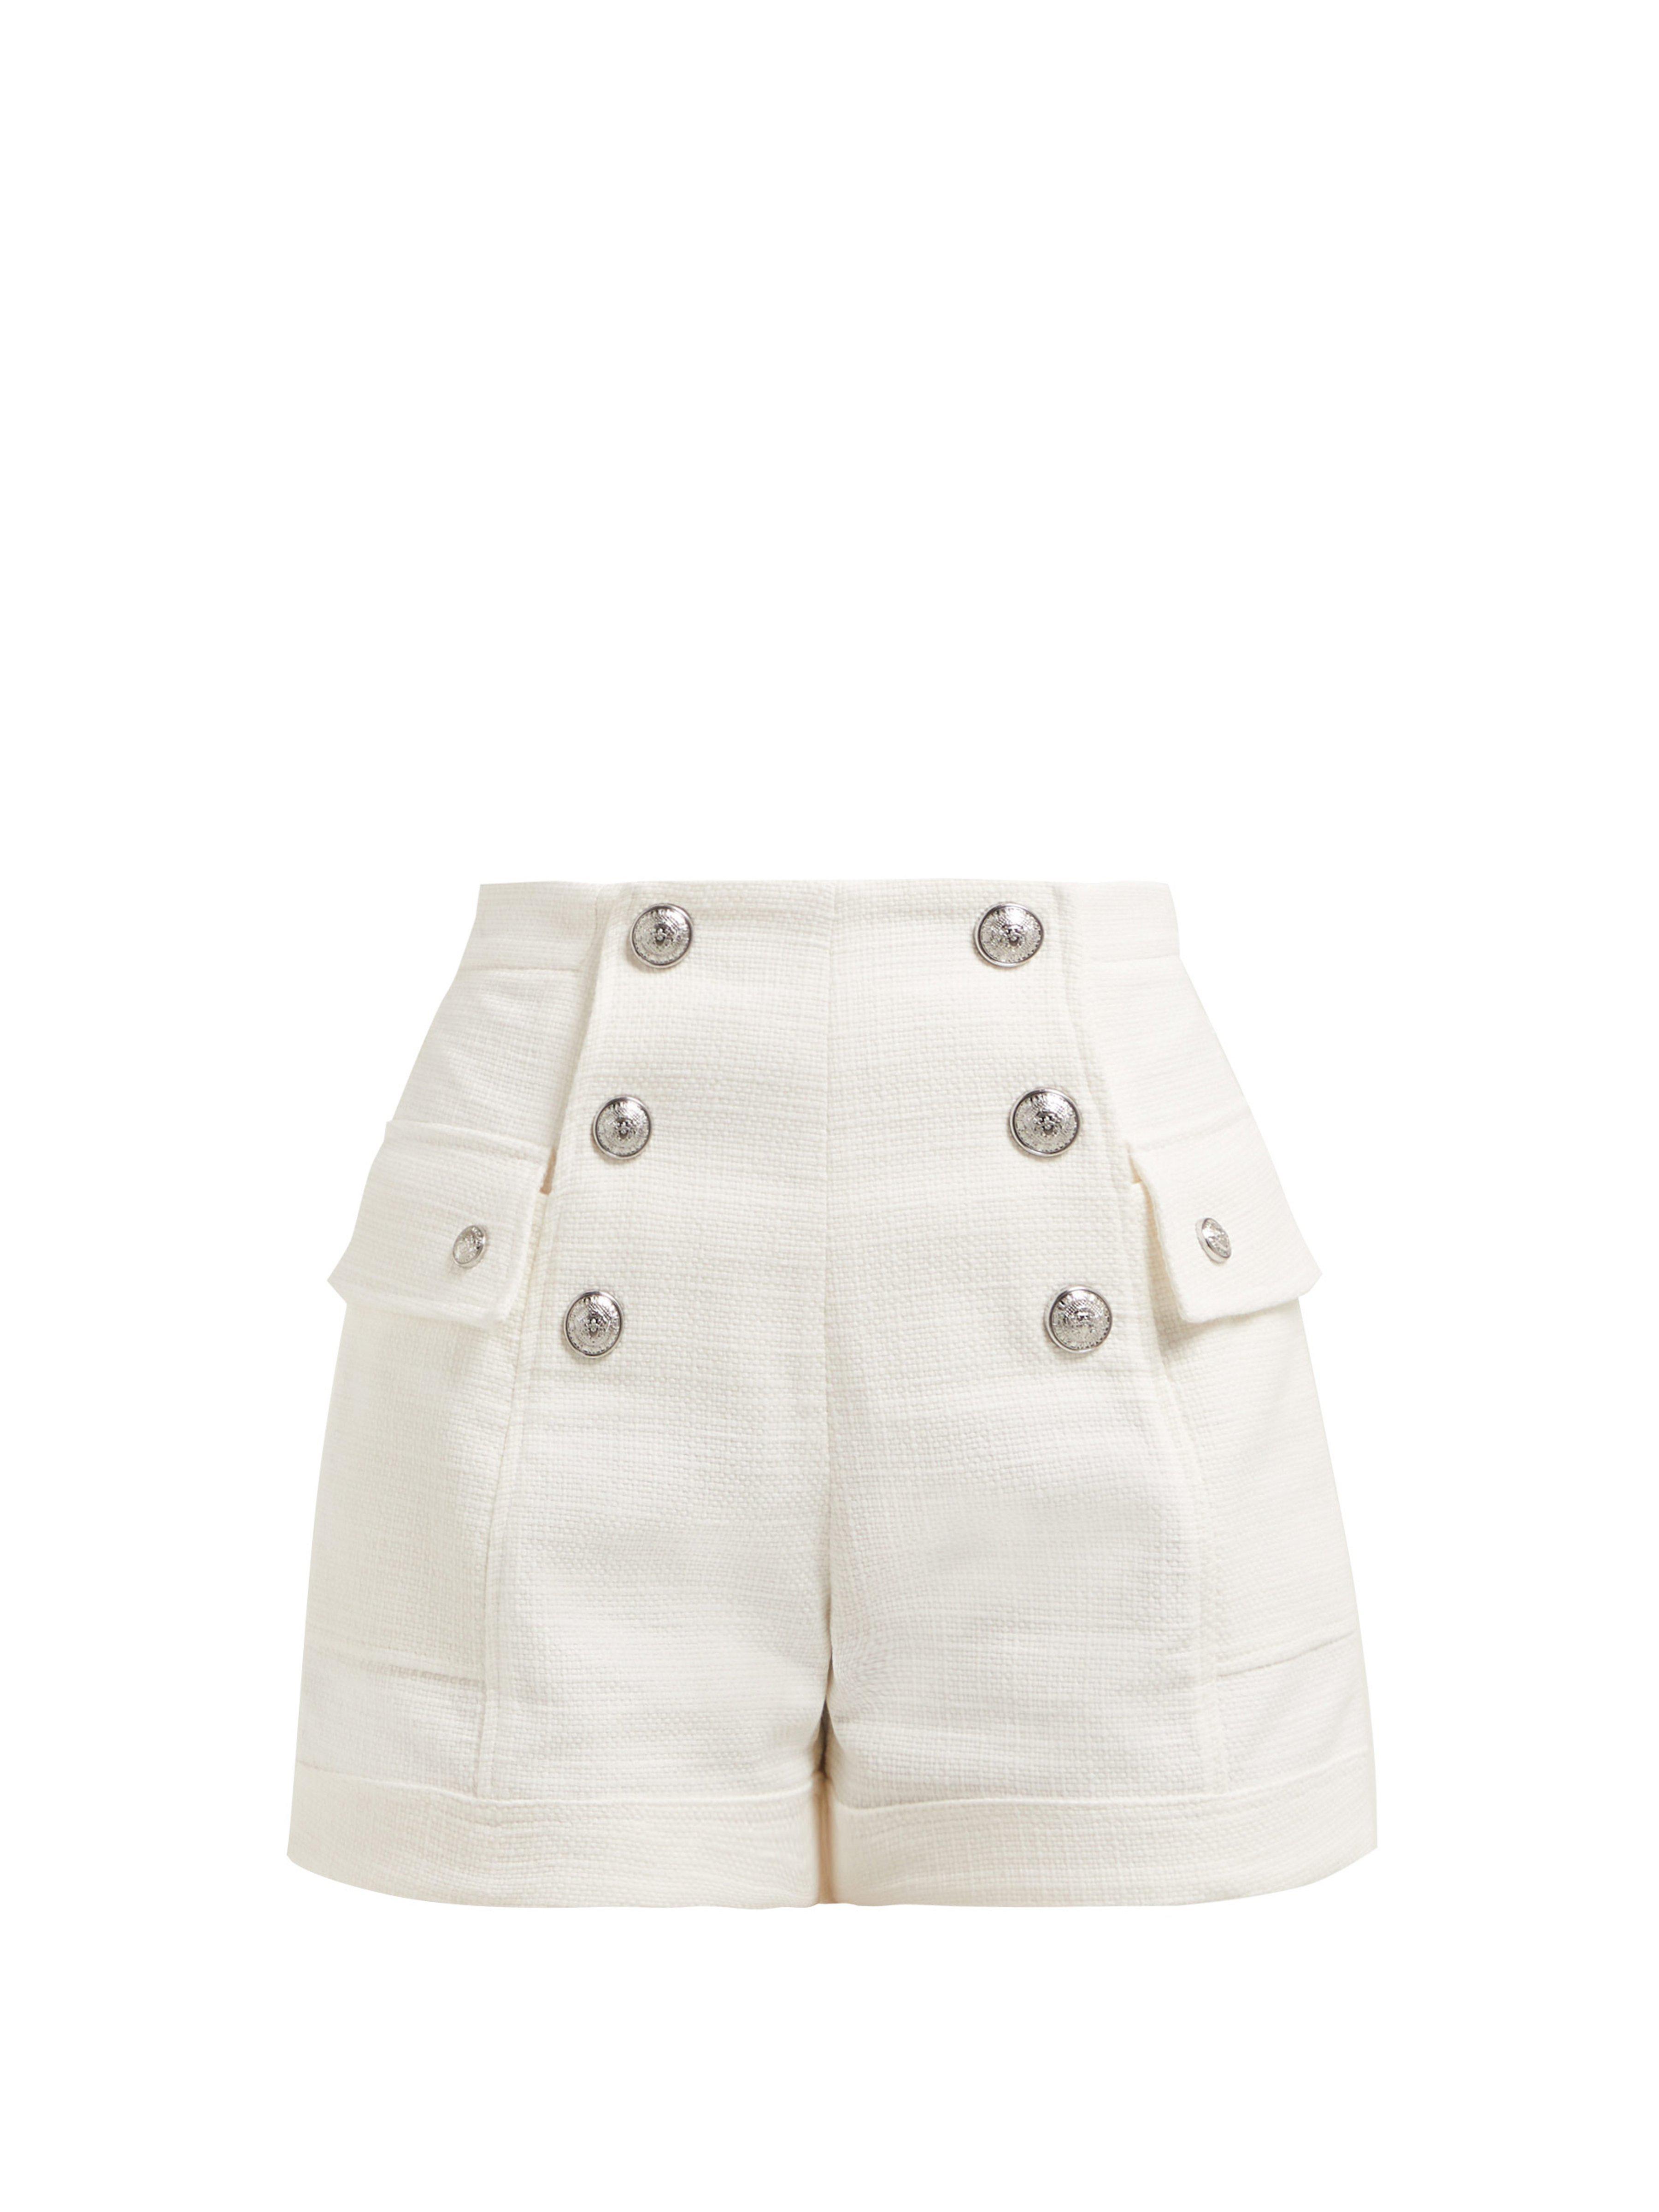 a7ba9d9573c Balmain High Rise Cotton Tweed Shorts in White - Lyst